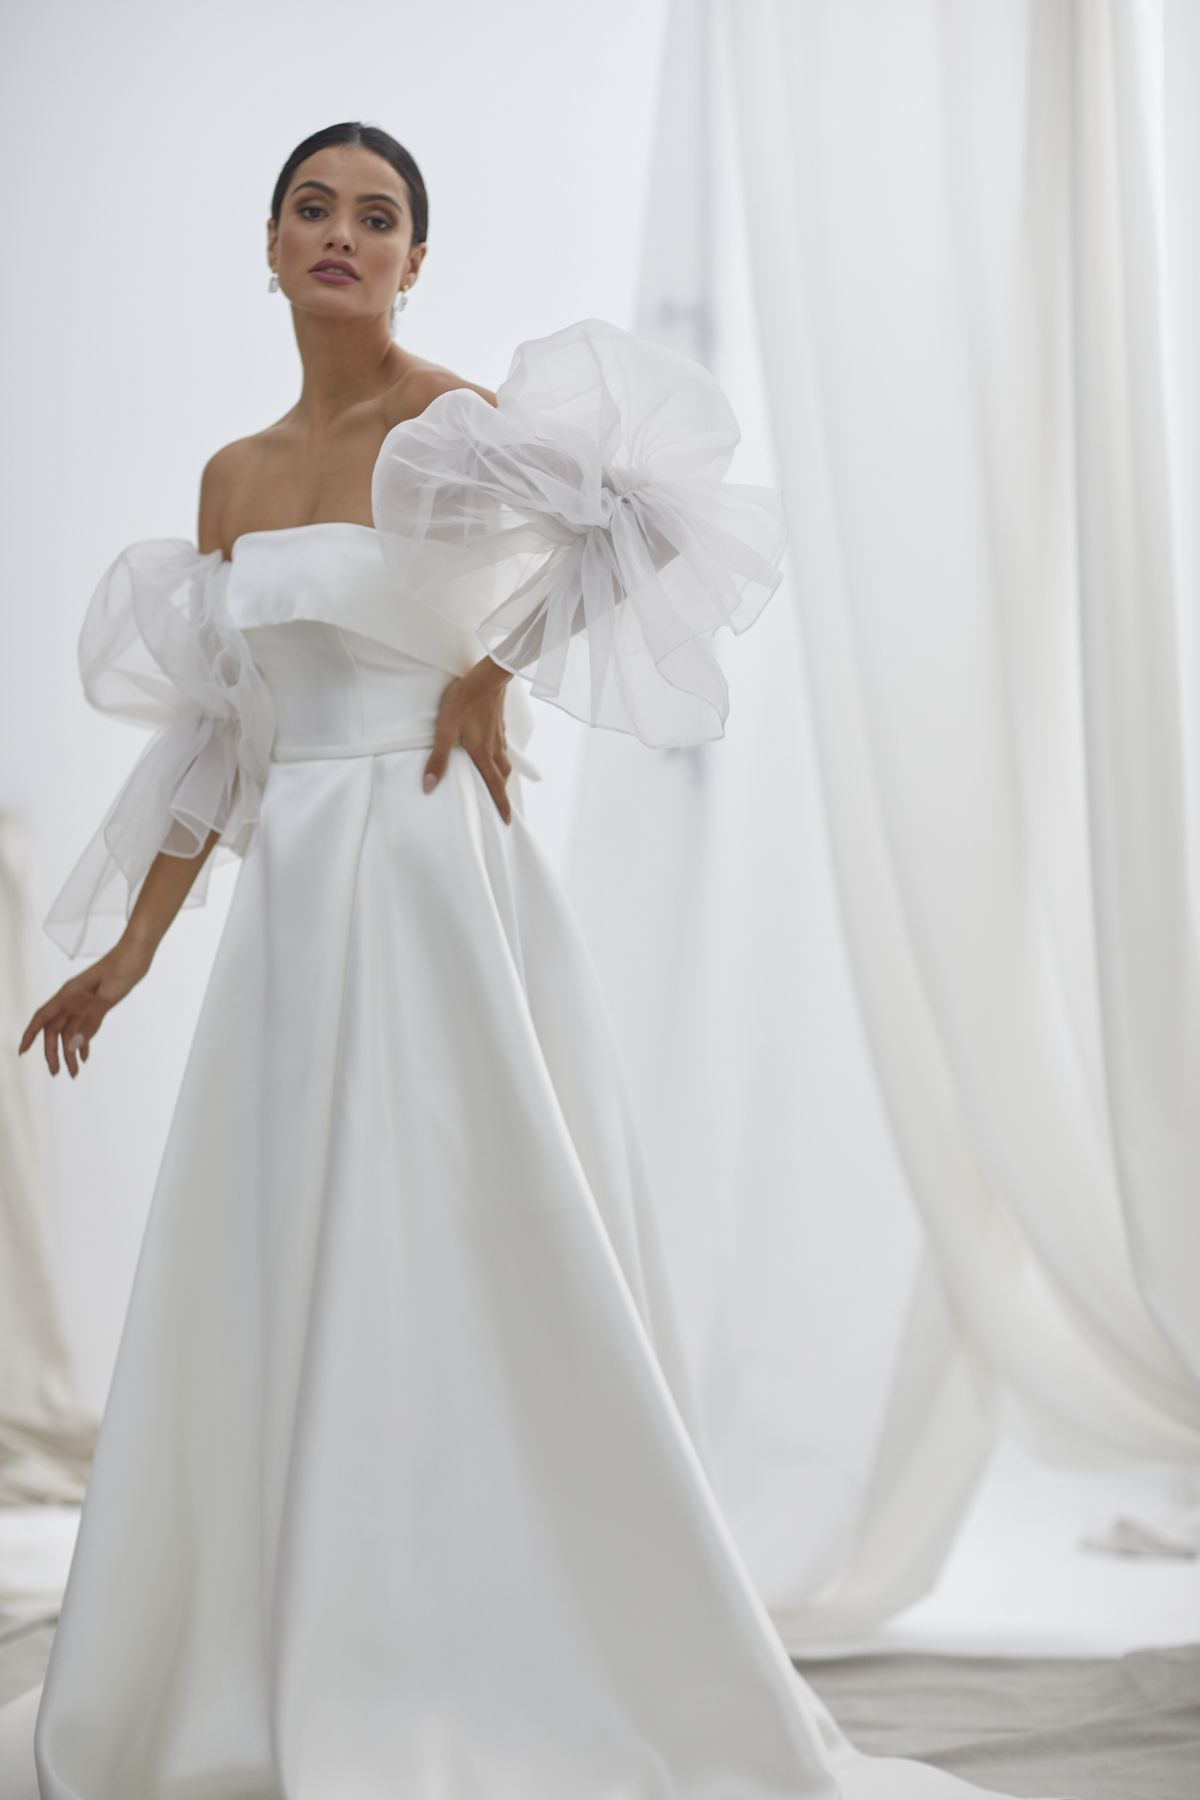 Vivienne With Nebbia Organza Wedding Gown 25_1841